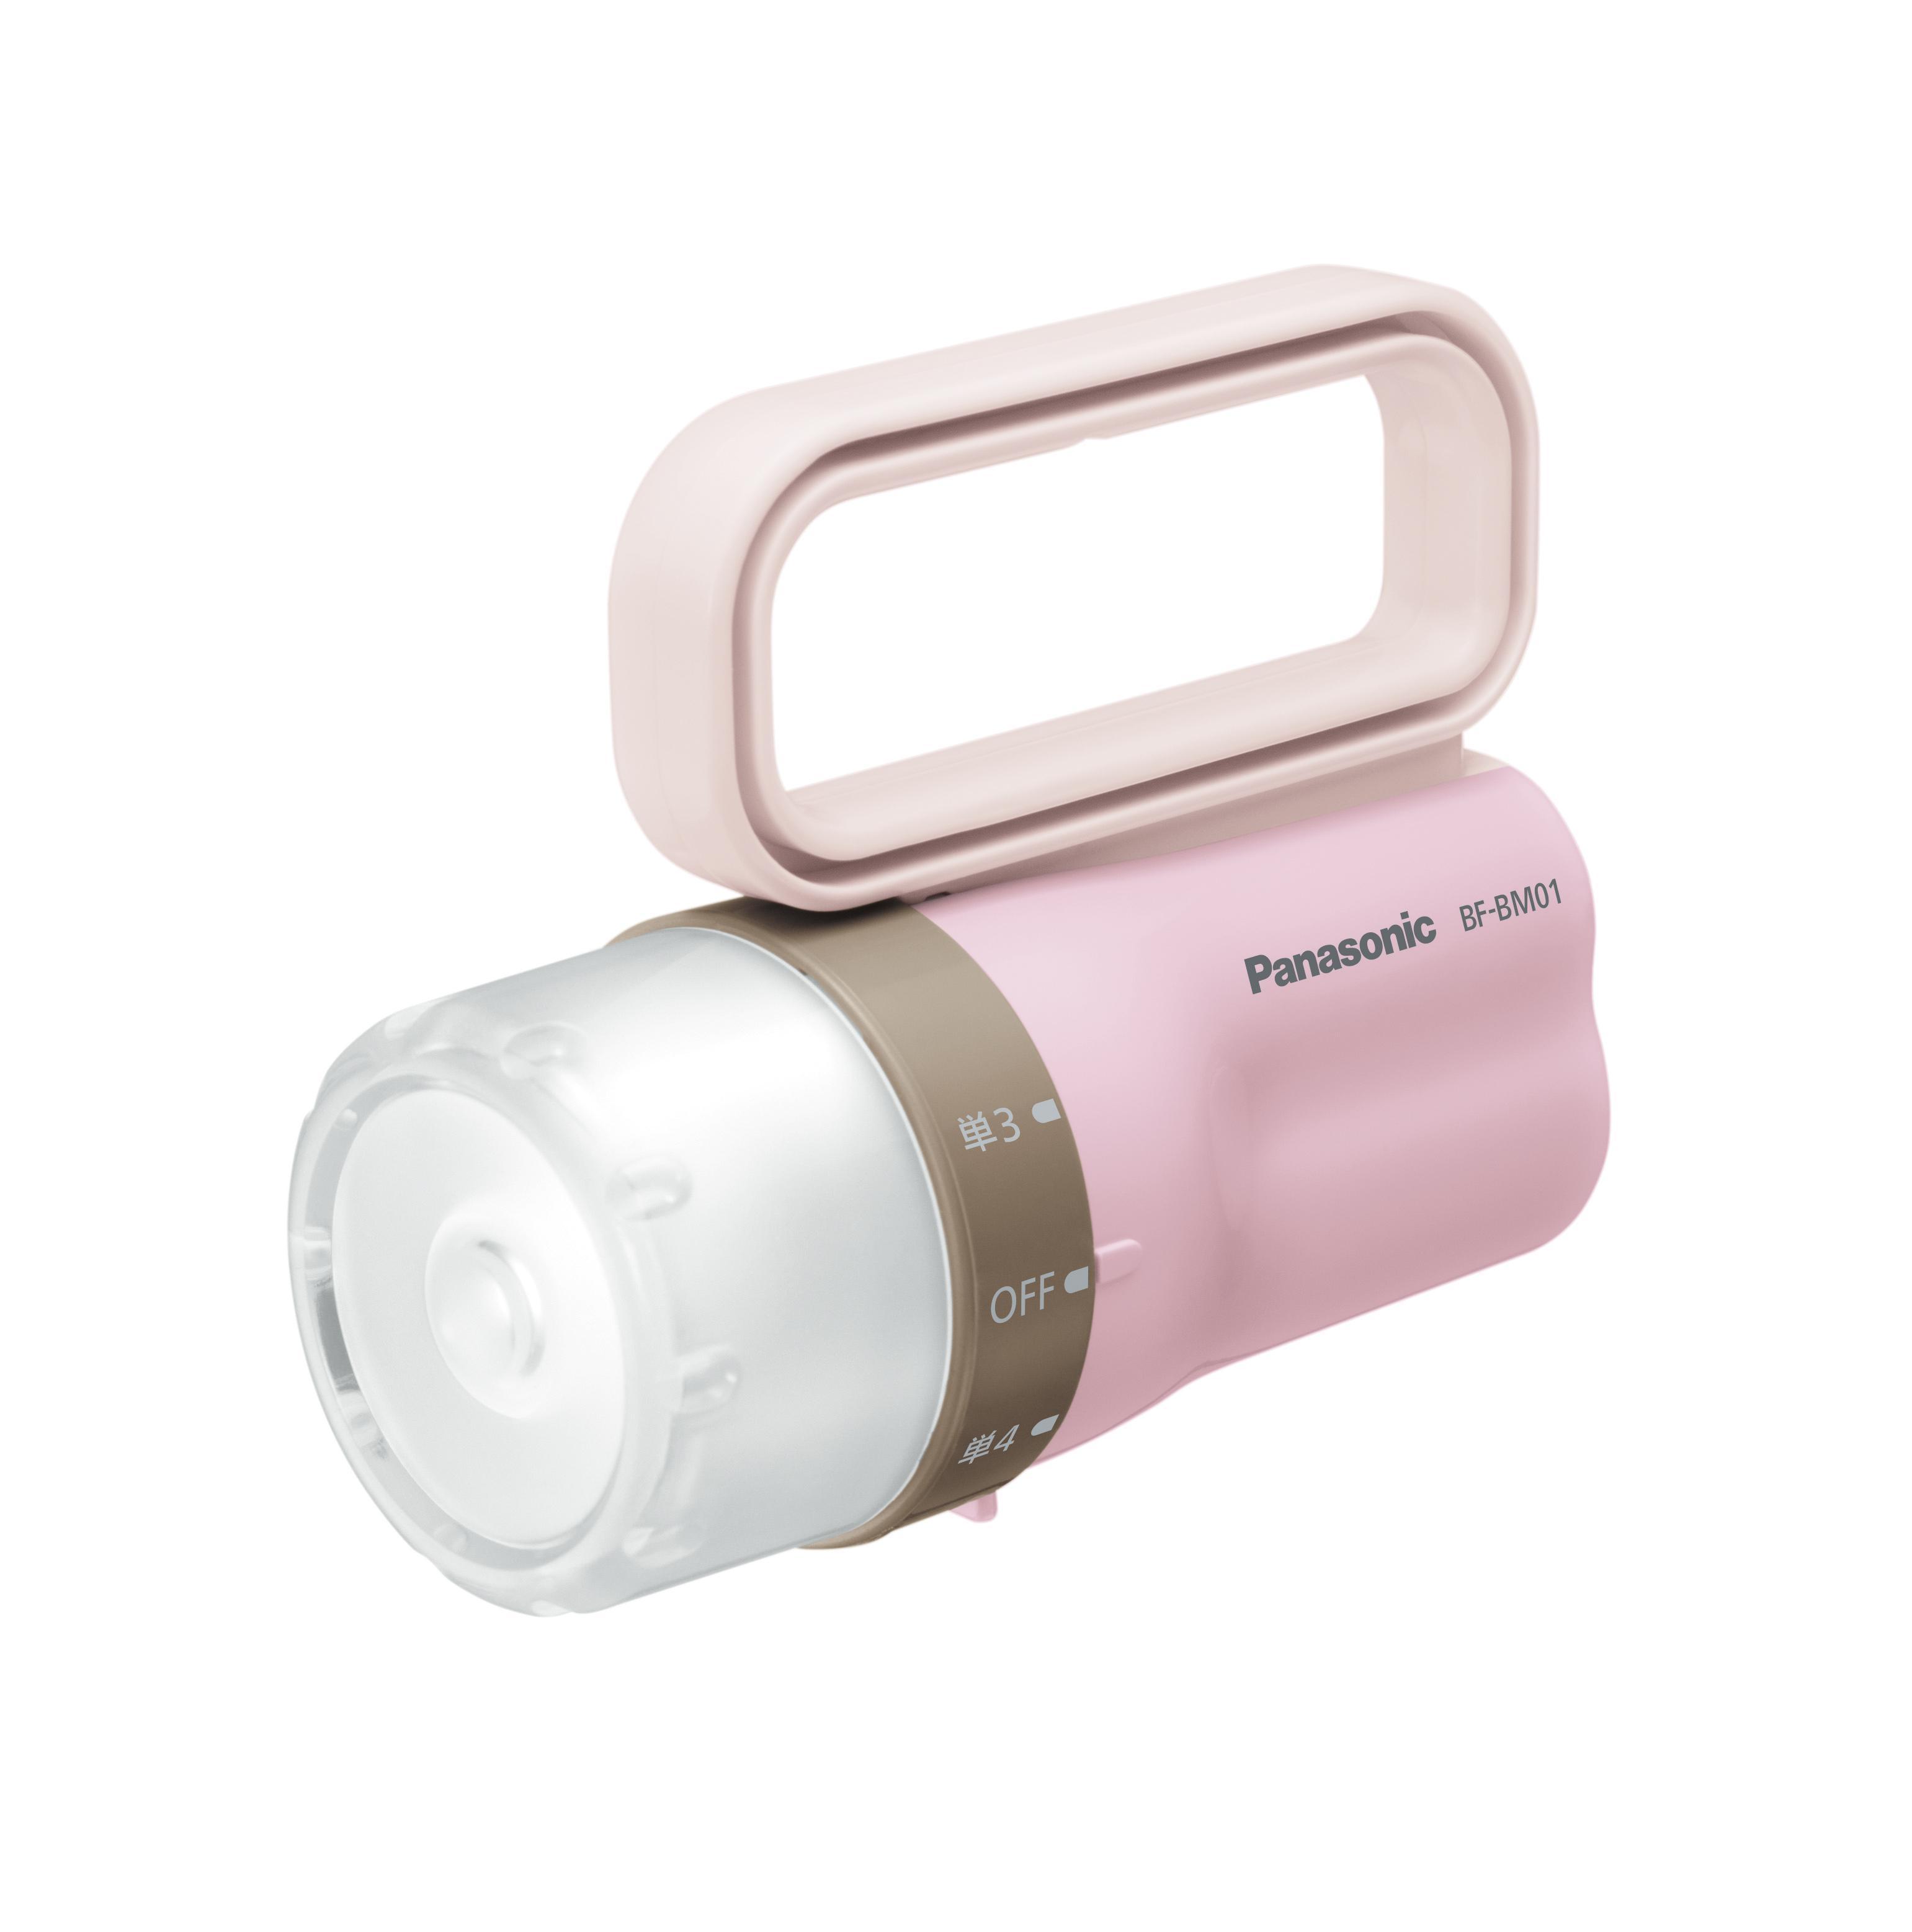 「電池がどっちかライト(BF-BM01)」新色 ダスティーピンク(/DP)